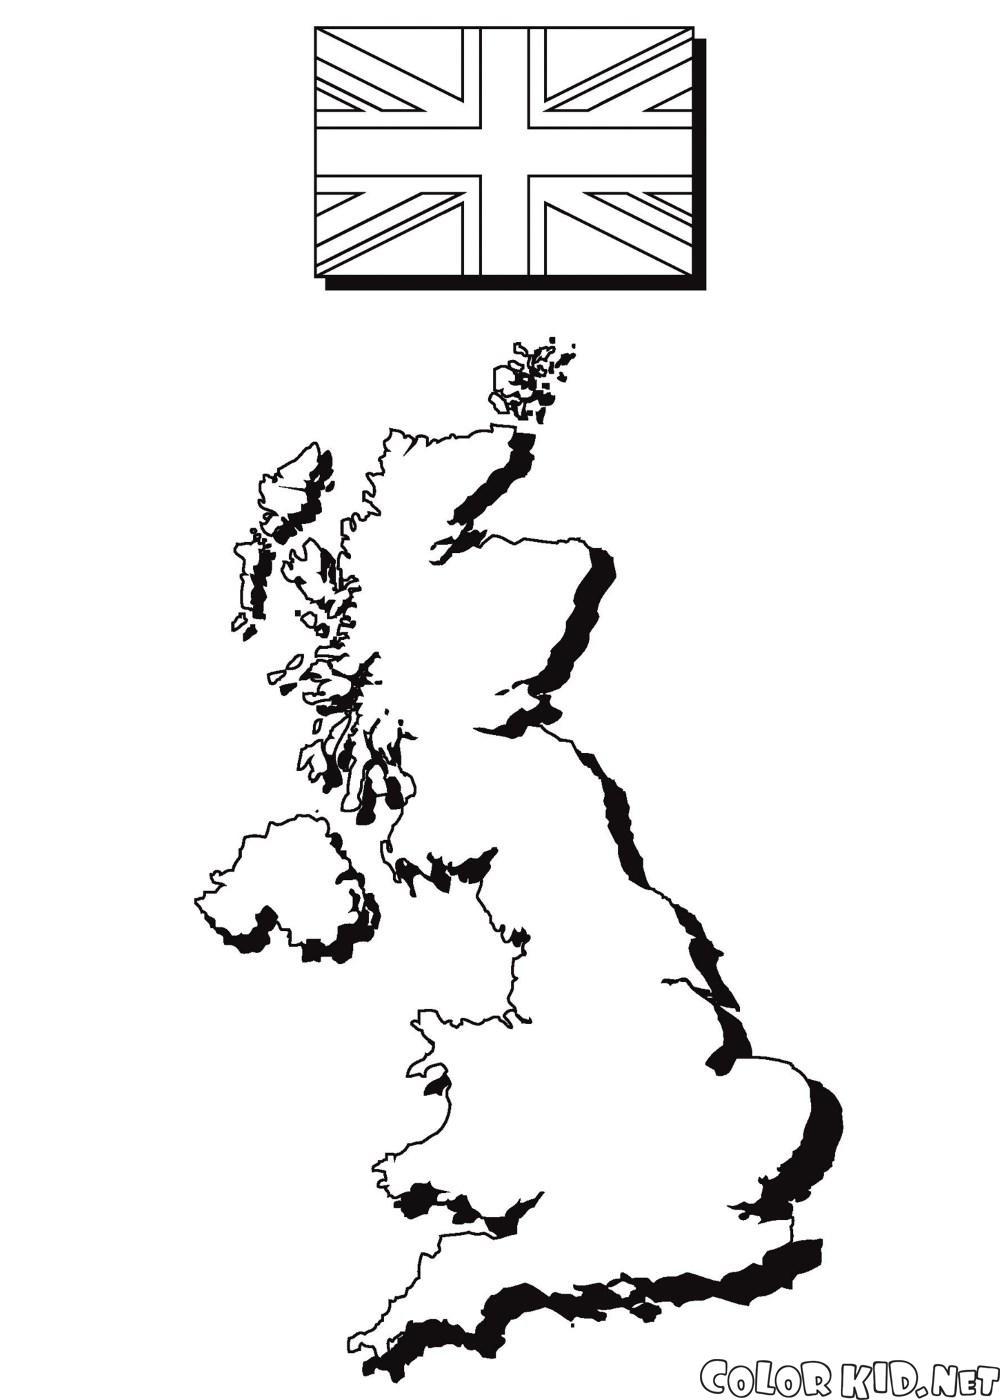 Harita ve İngiltere bayrağı